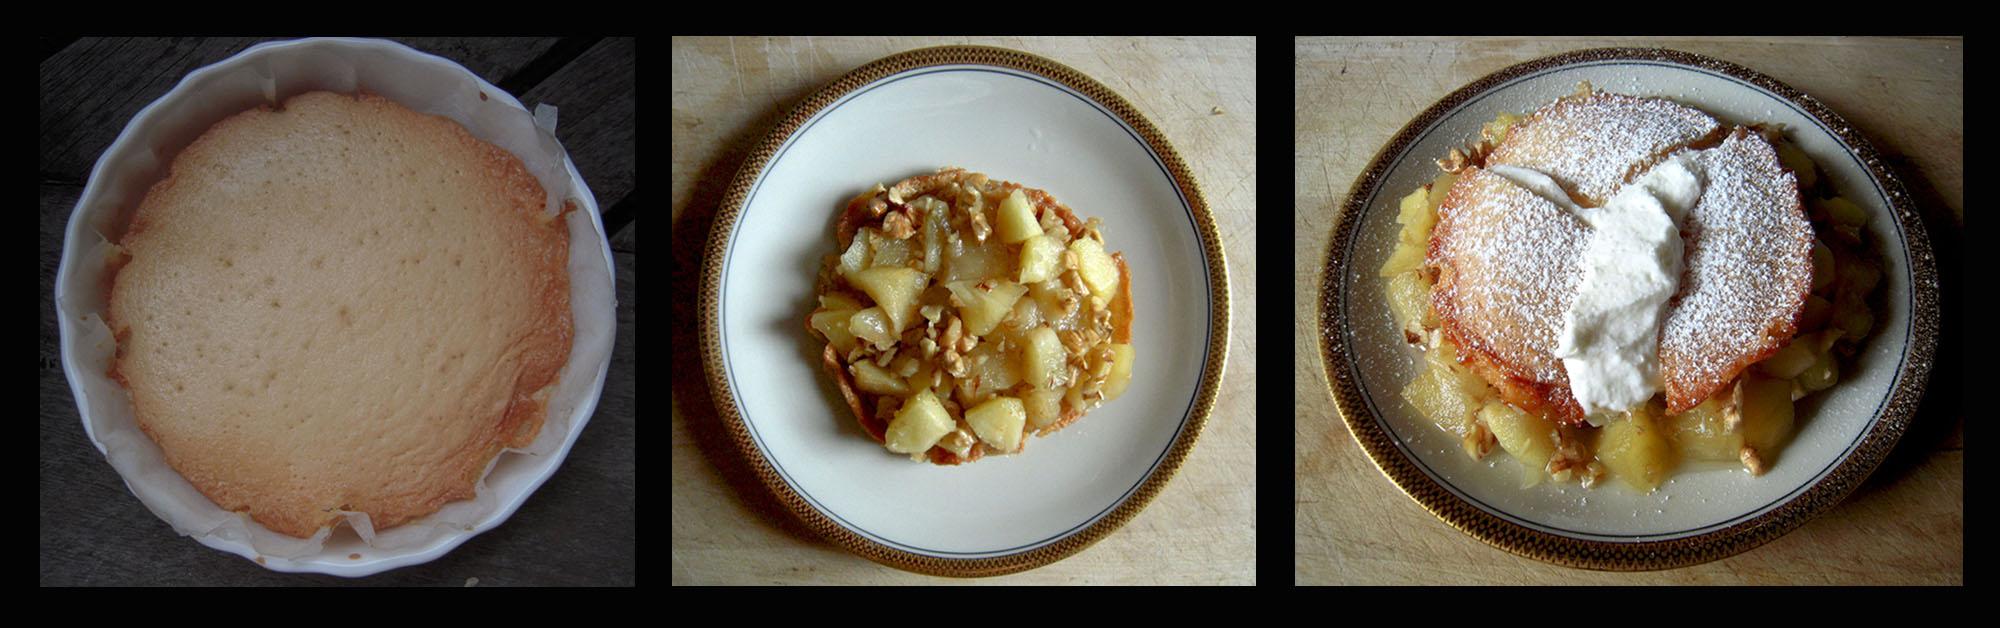 Äppeltårta med mandelmassa - 3 passaggi